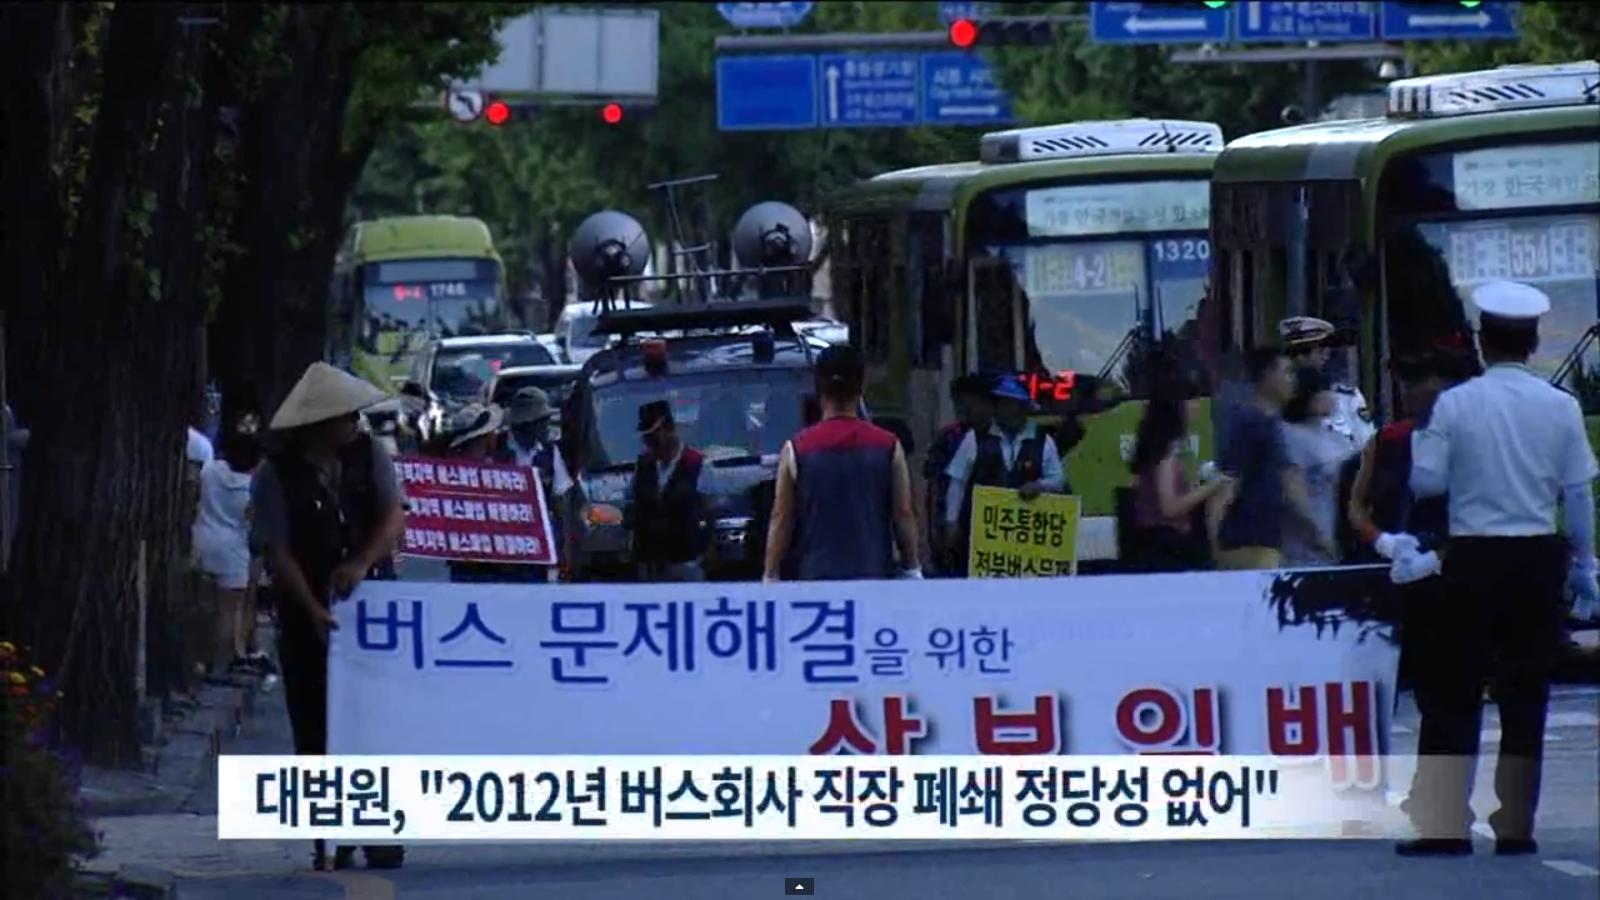 [15.7.13 전주MBC] 전주시내버스 보조금 환수 주민감사청구2.png